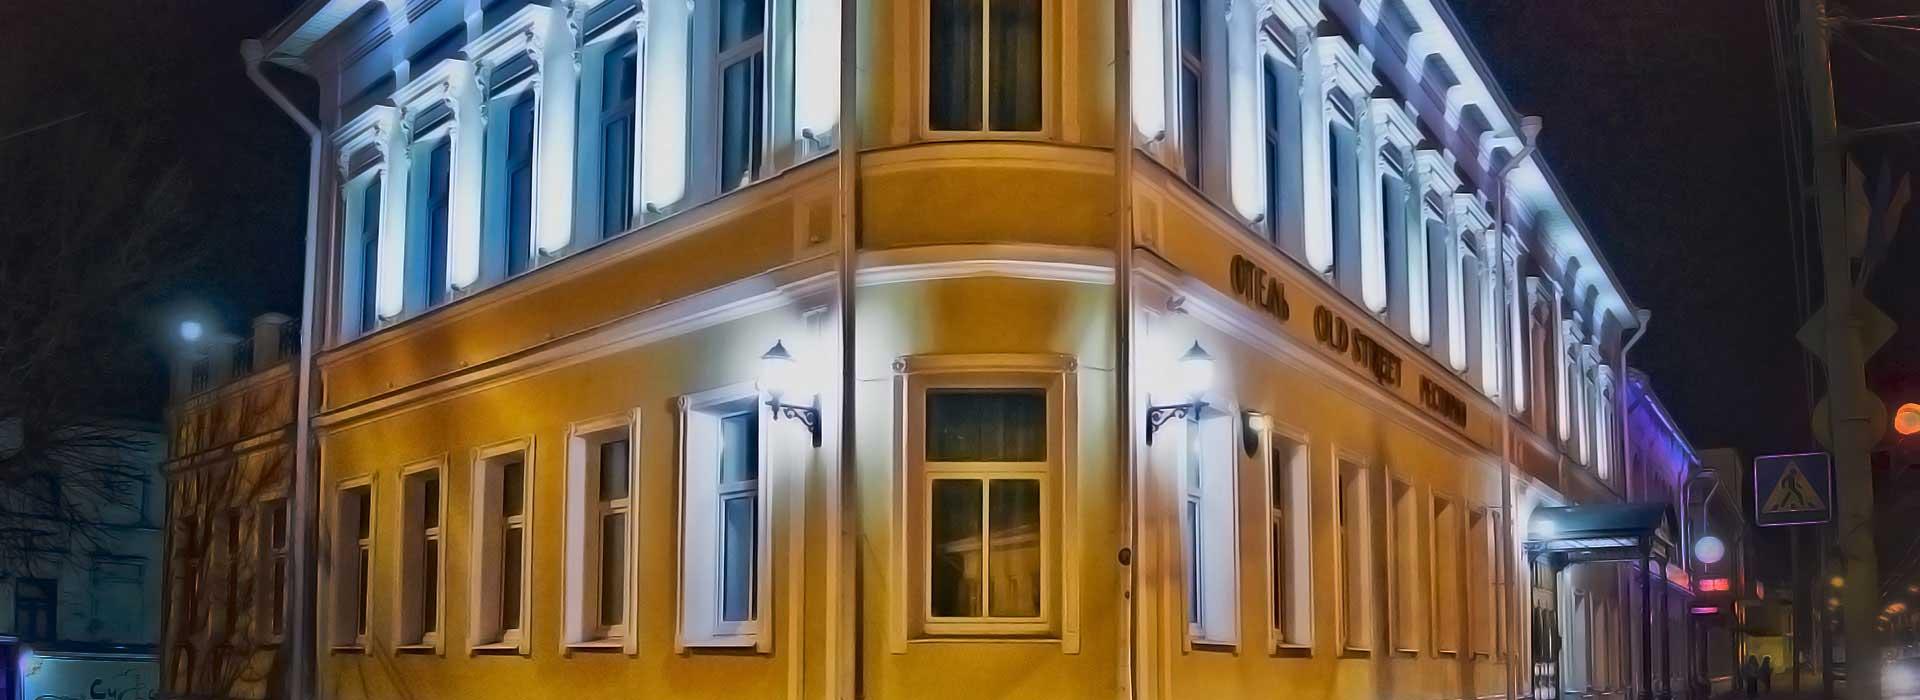 Приобретение гостинично-ресторанного комплекса (отеля «OLD STREET»)